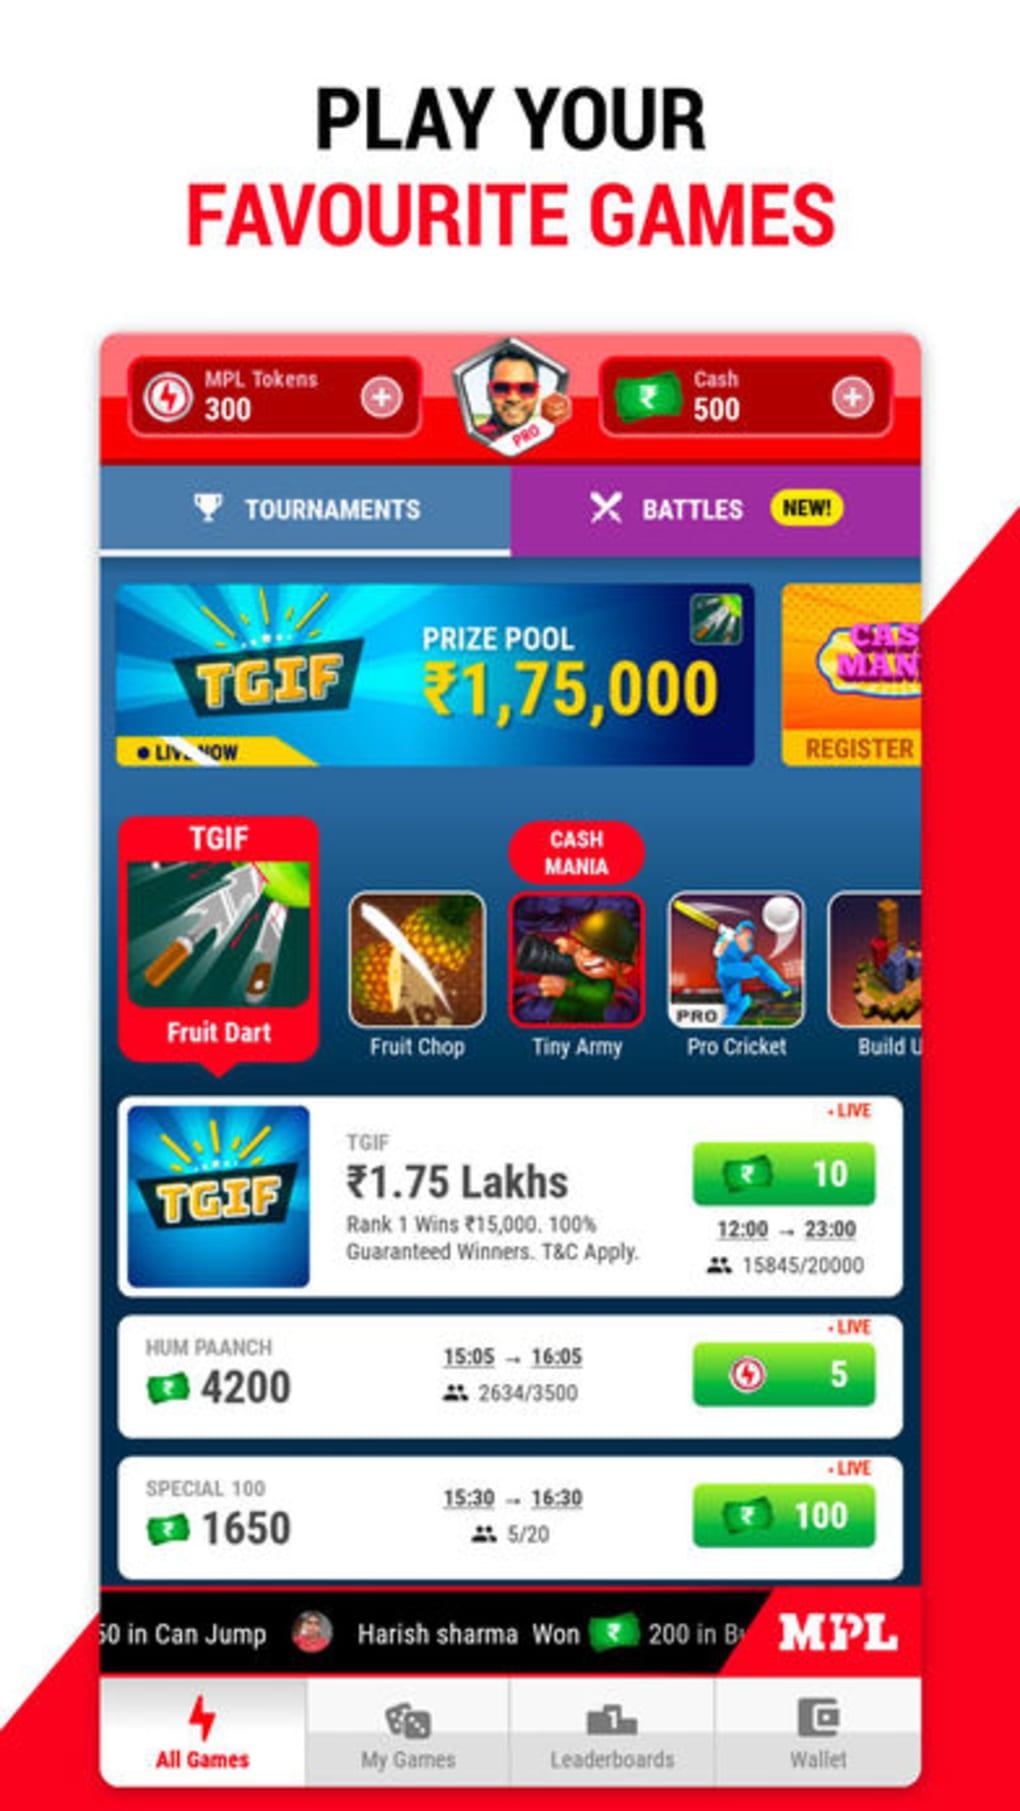 mobile premier league apk download latest version